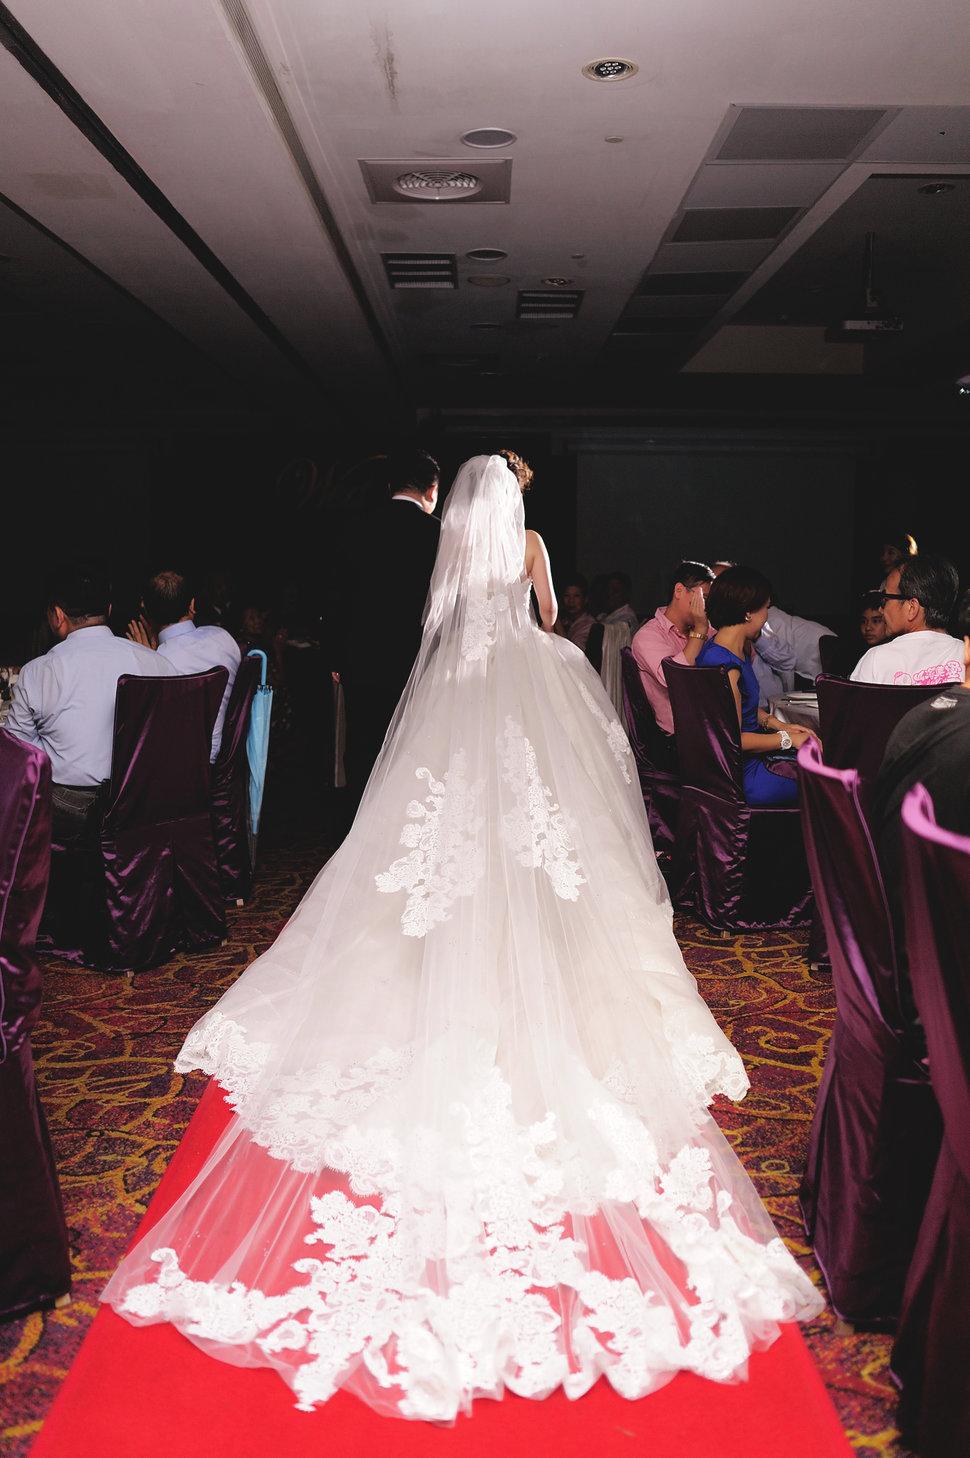 234 (32) - J-Love 婚禮攝影團隊《結婚吧》